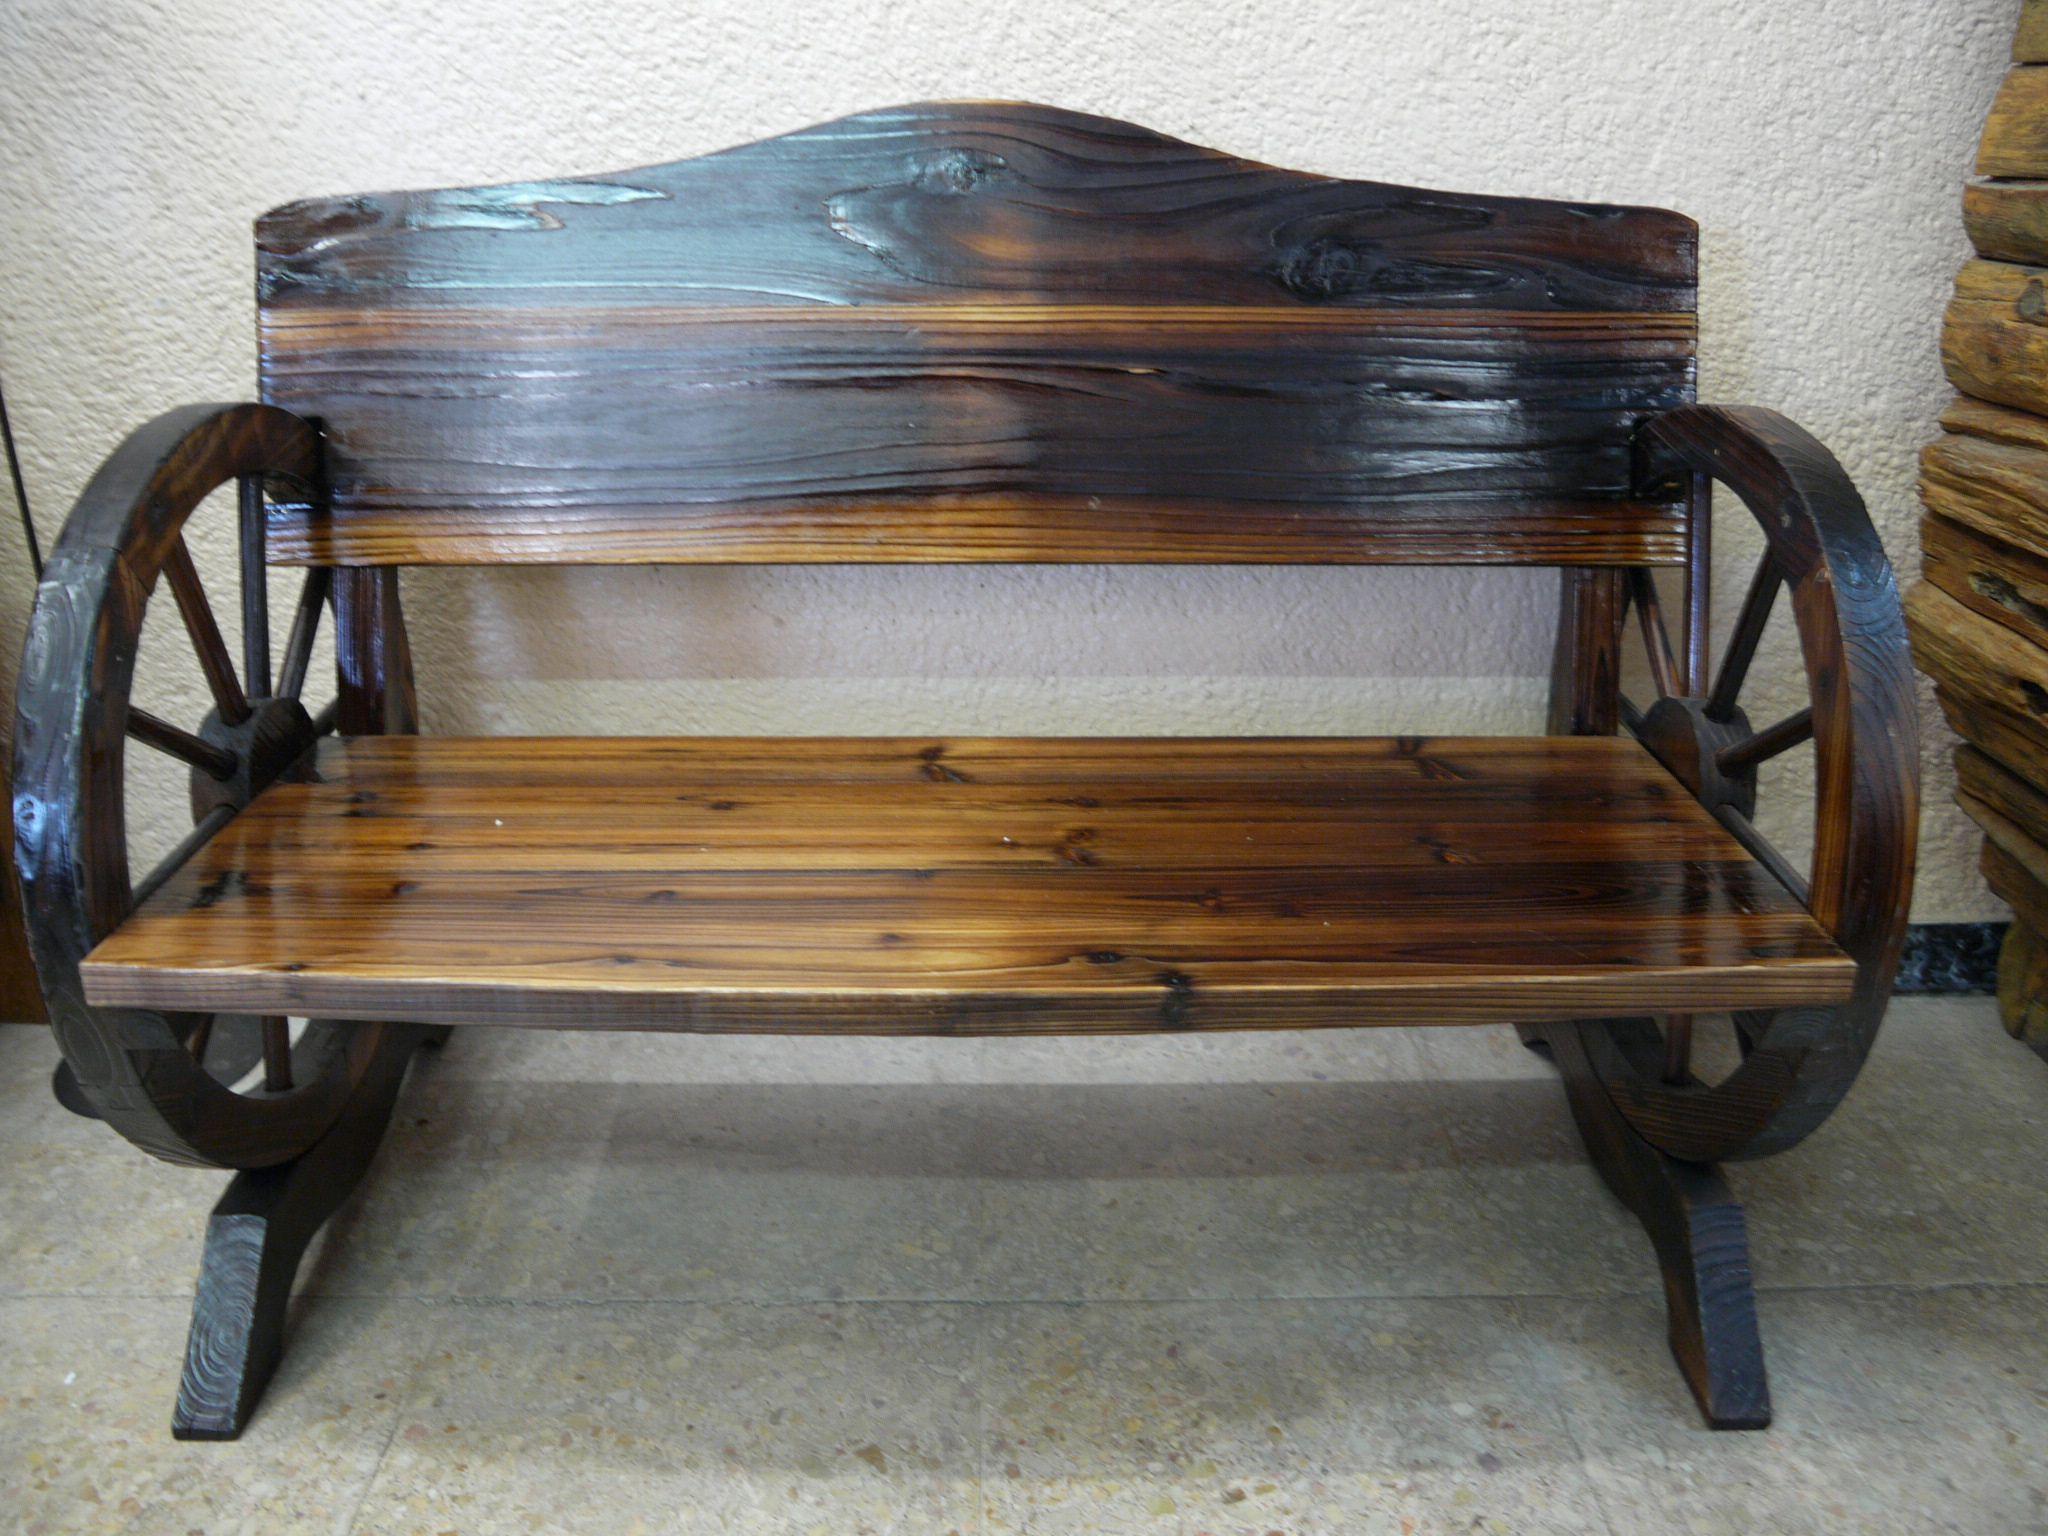 Banco rustico madera home pinterest bancos rusticas - Bancos de madera para interior ...